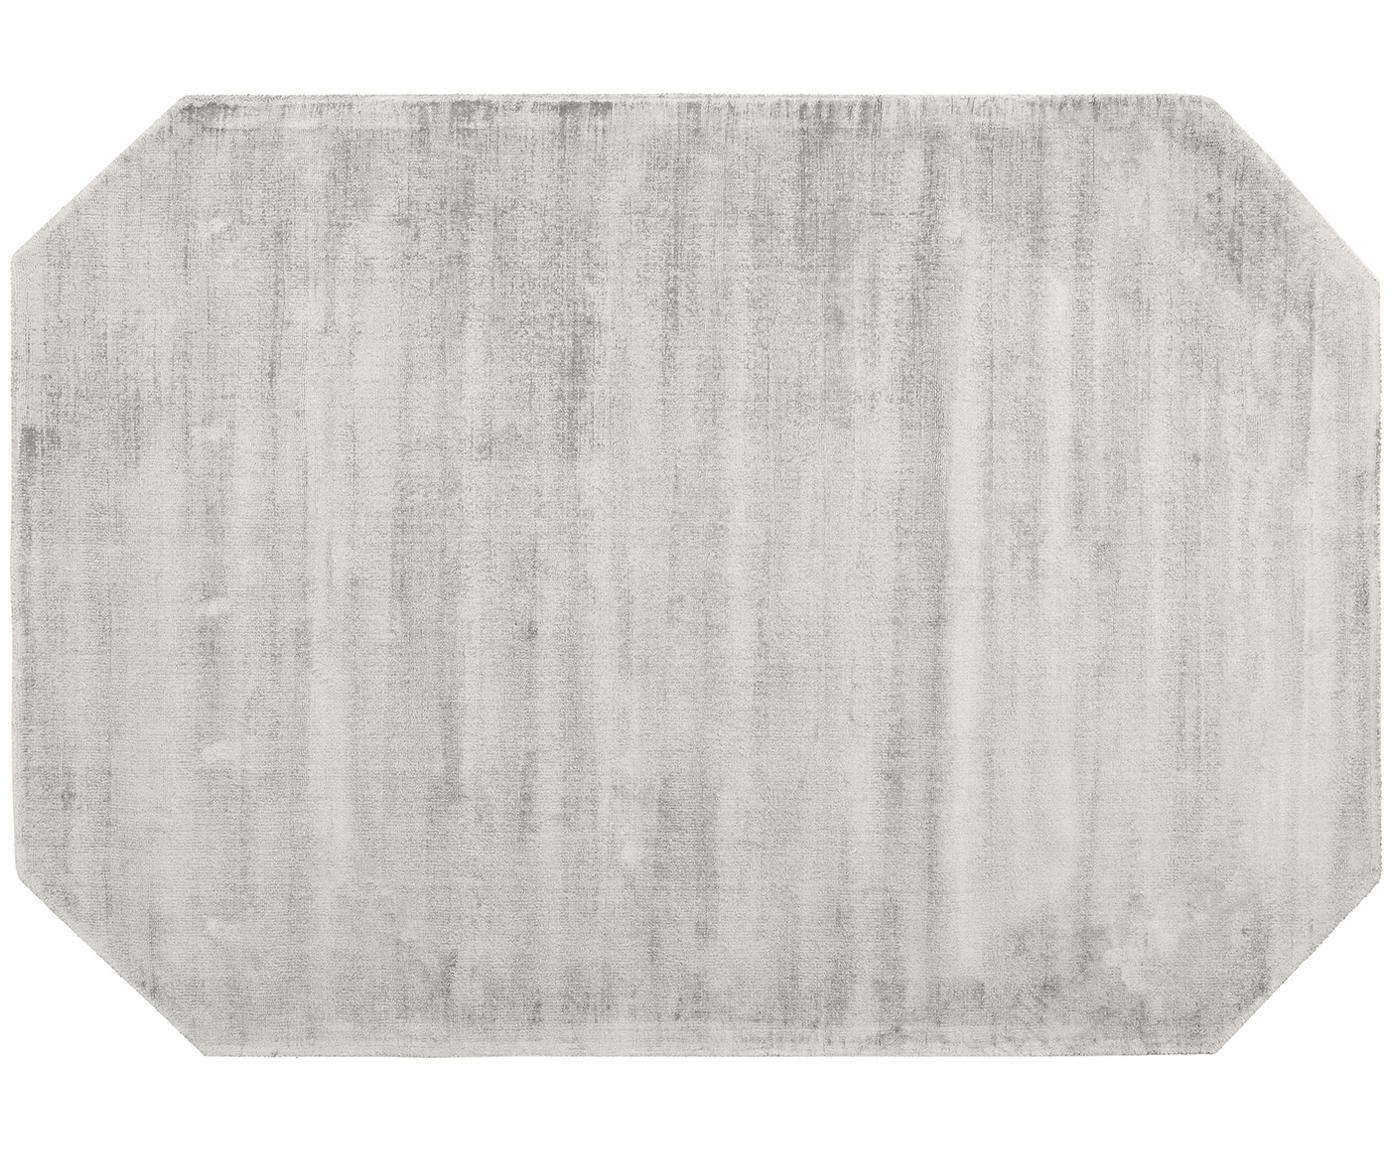 Tappeto in viscosa Jane Diamond, Retro: 100% cotone, Grigio chiaro-beige, Larg. 120 x Lung. 180 cm (taglia S)